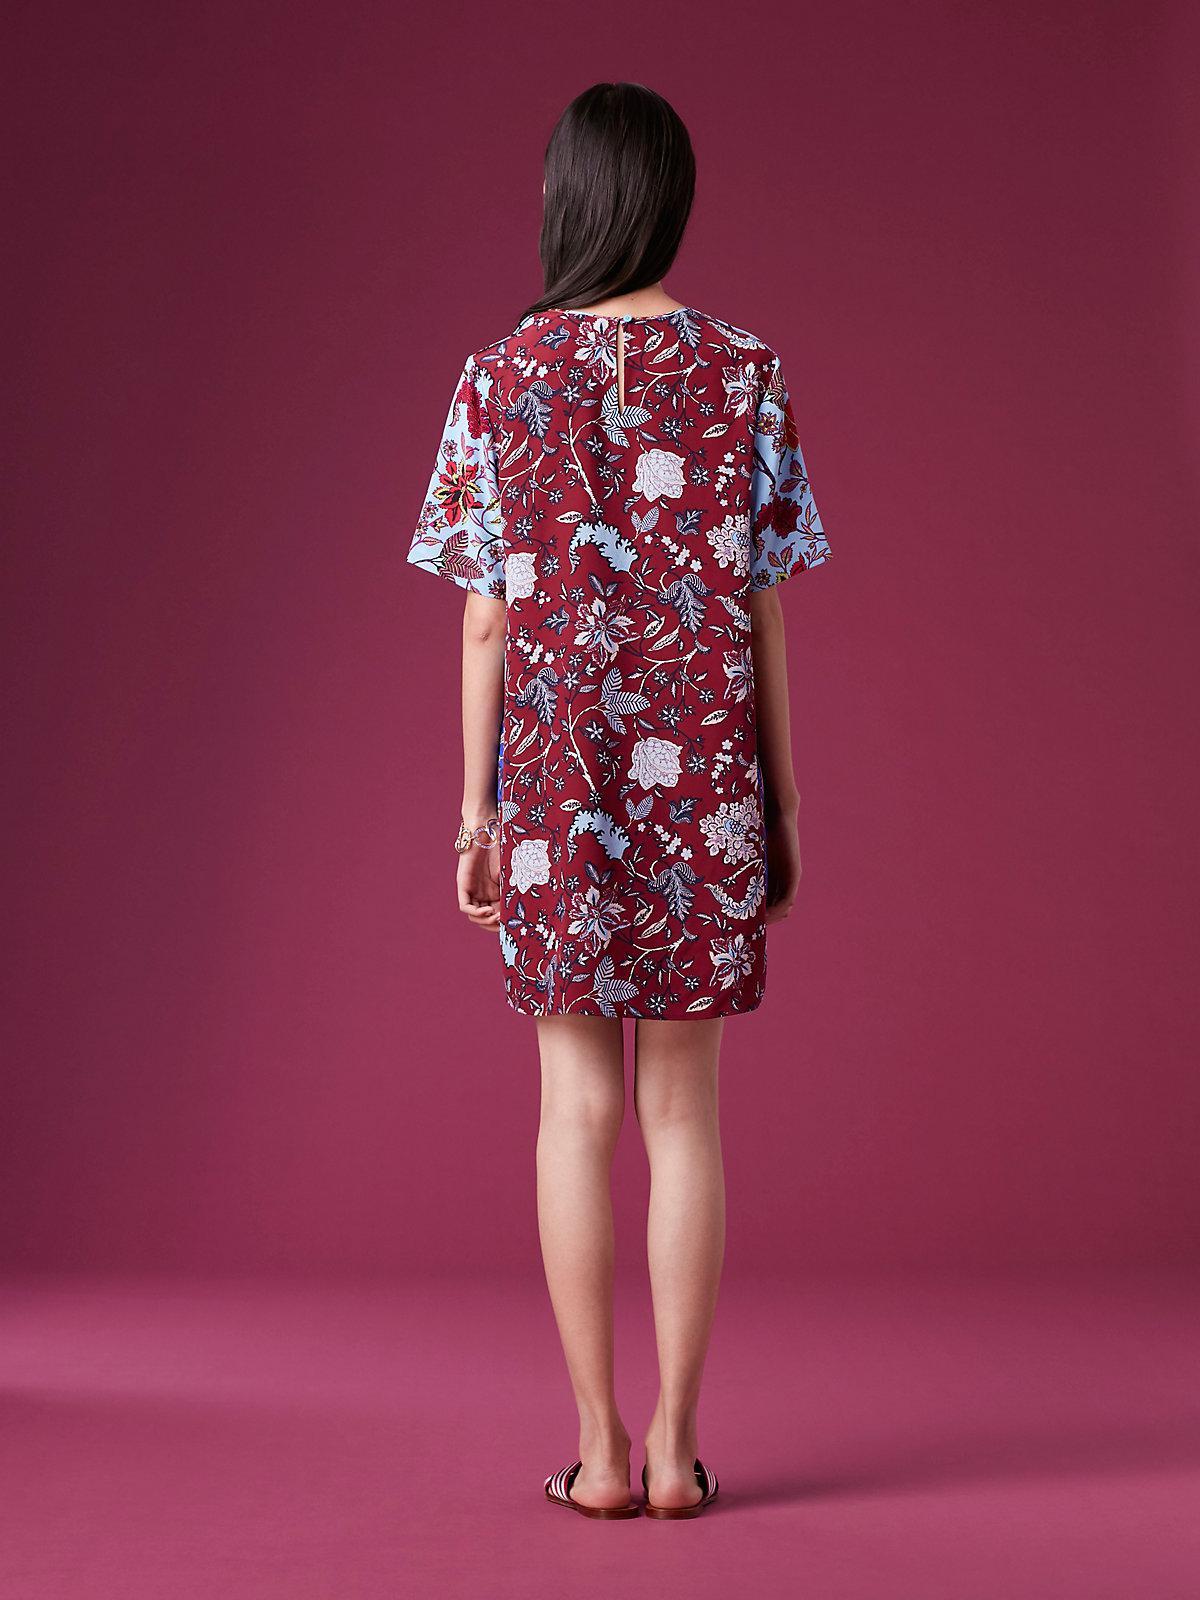 75a873eefd0 Diane von Furstenberg Short-sleeve Mini Fluid Dress in Blue - Lyst